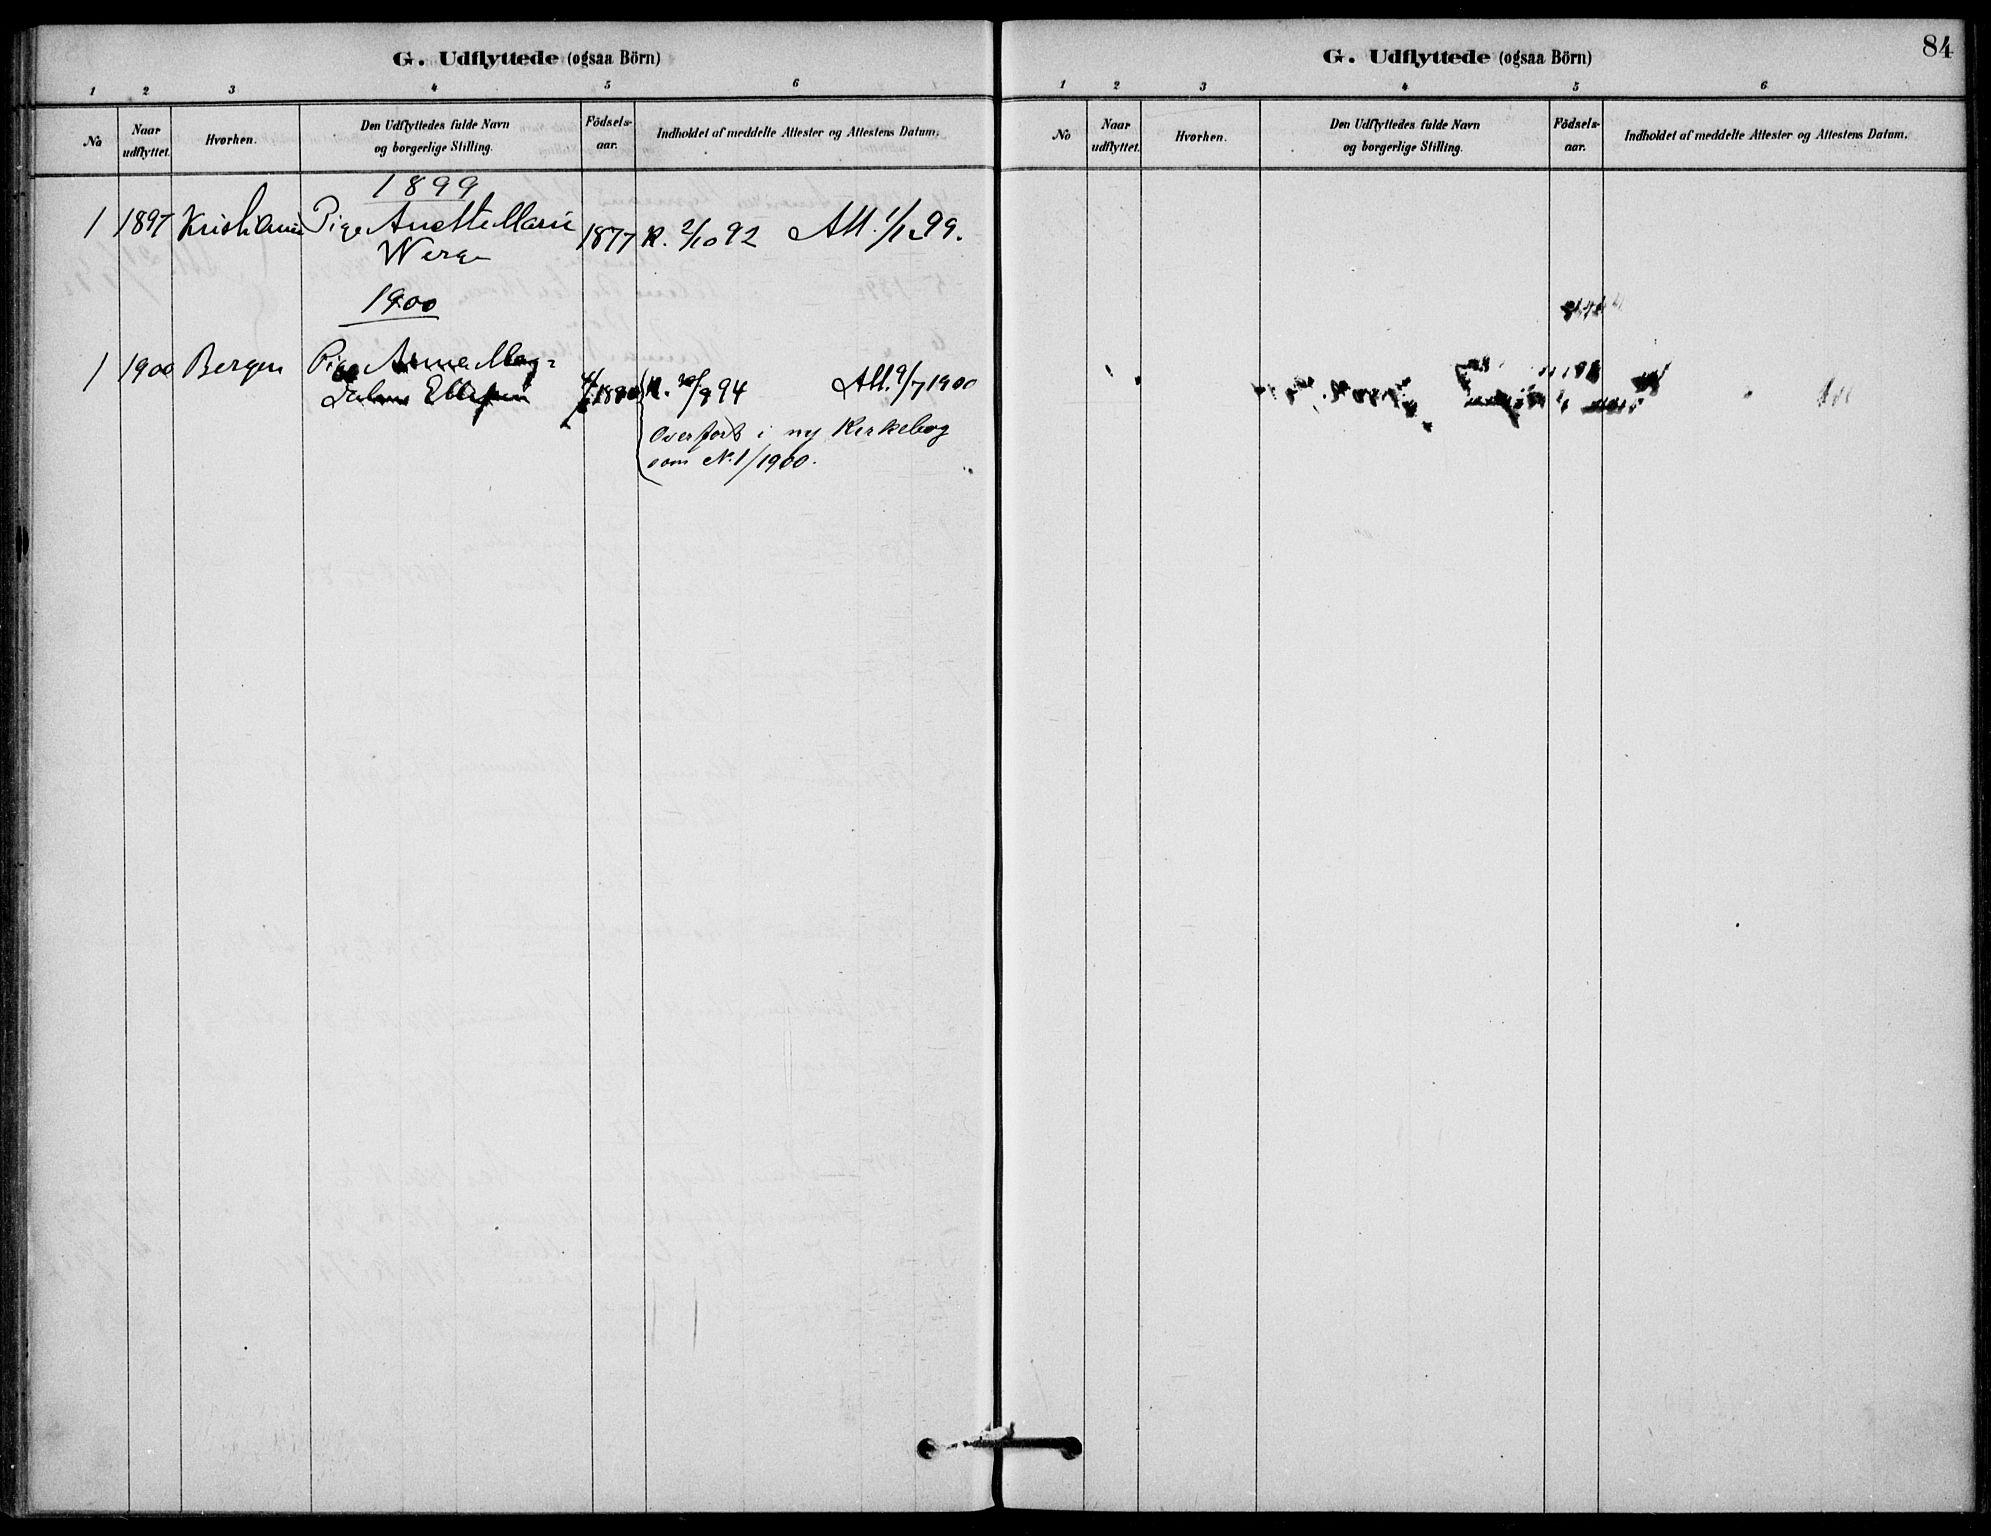 SAKO, Bamble kirkebøker, G/Gb/L0001: Klokkerbok nr. II 1, 1878-1900, s. 84